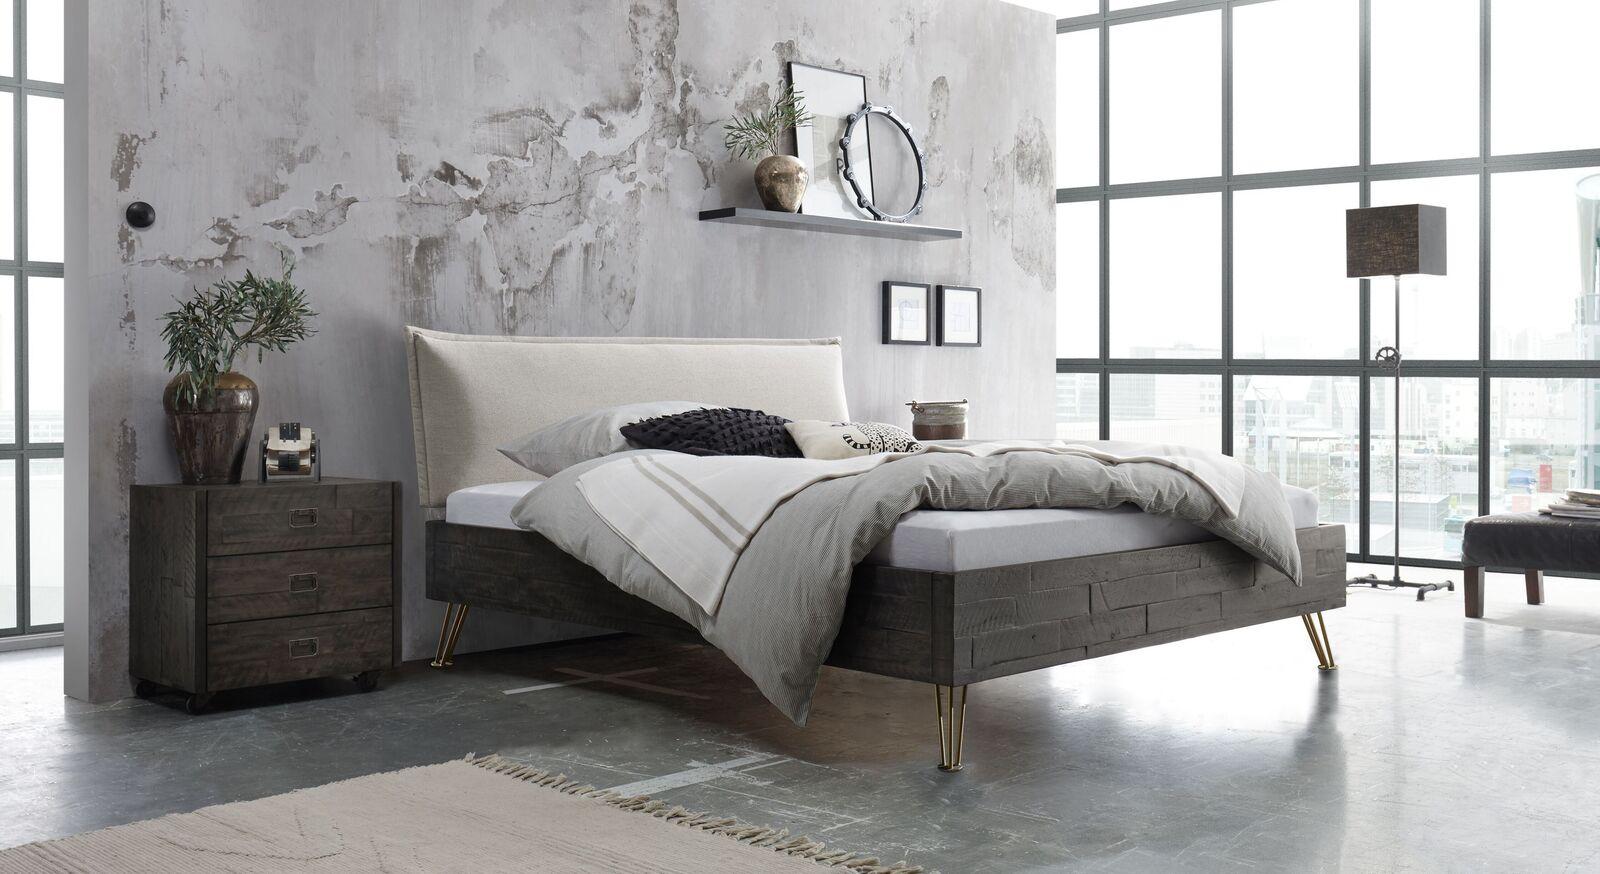 Passende Produkte zum Bett Domenico